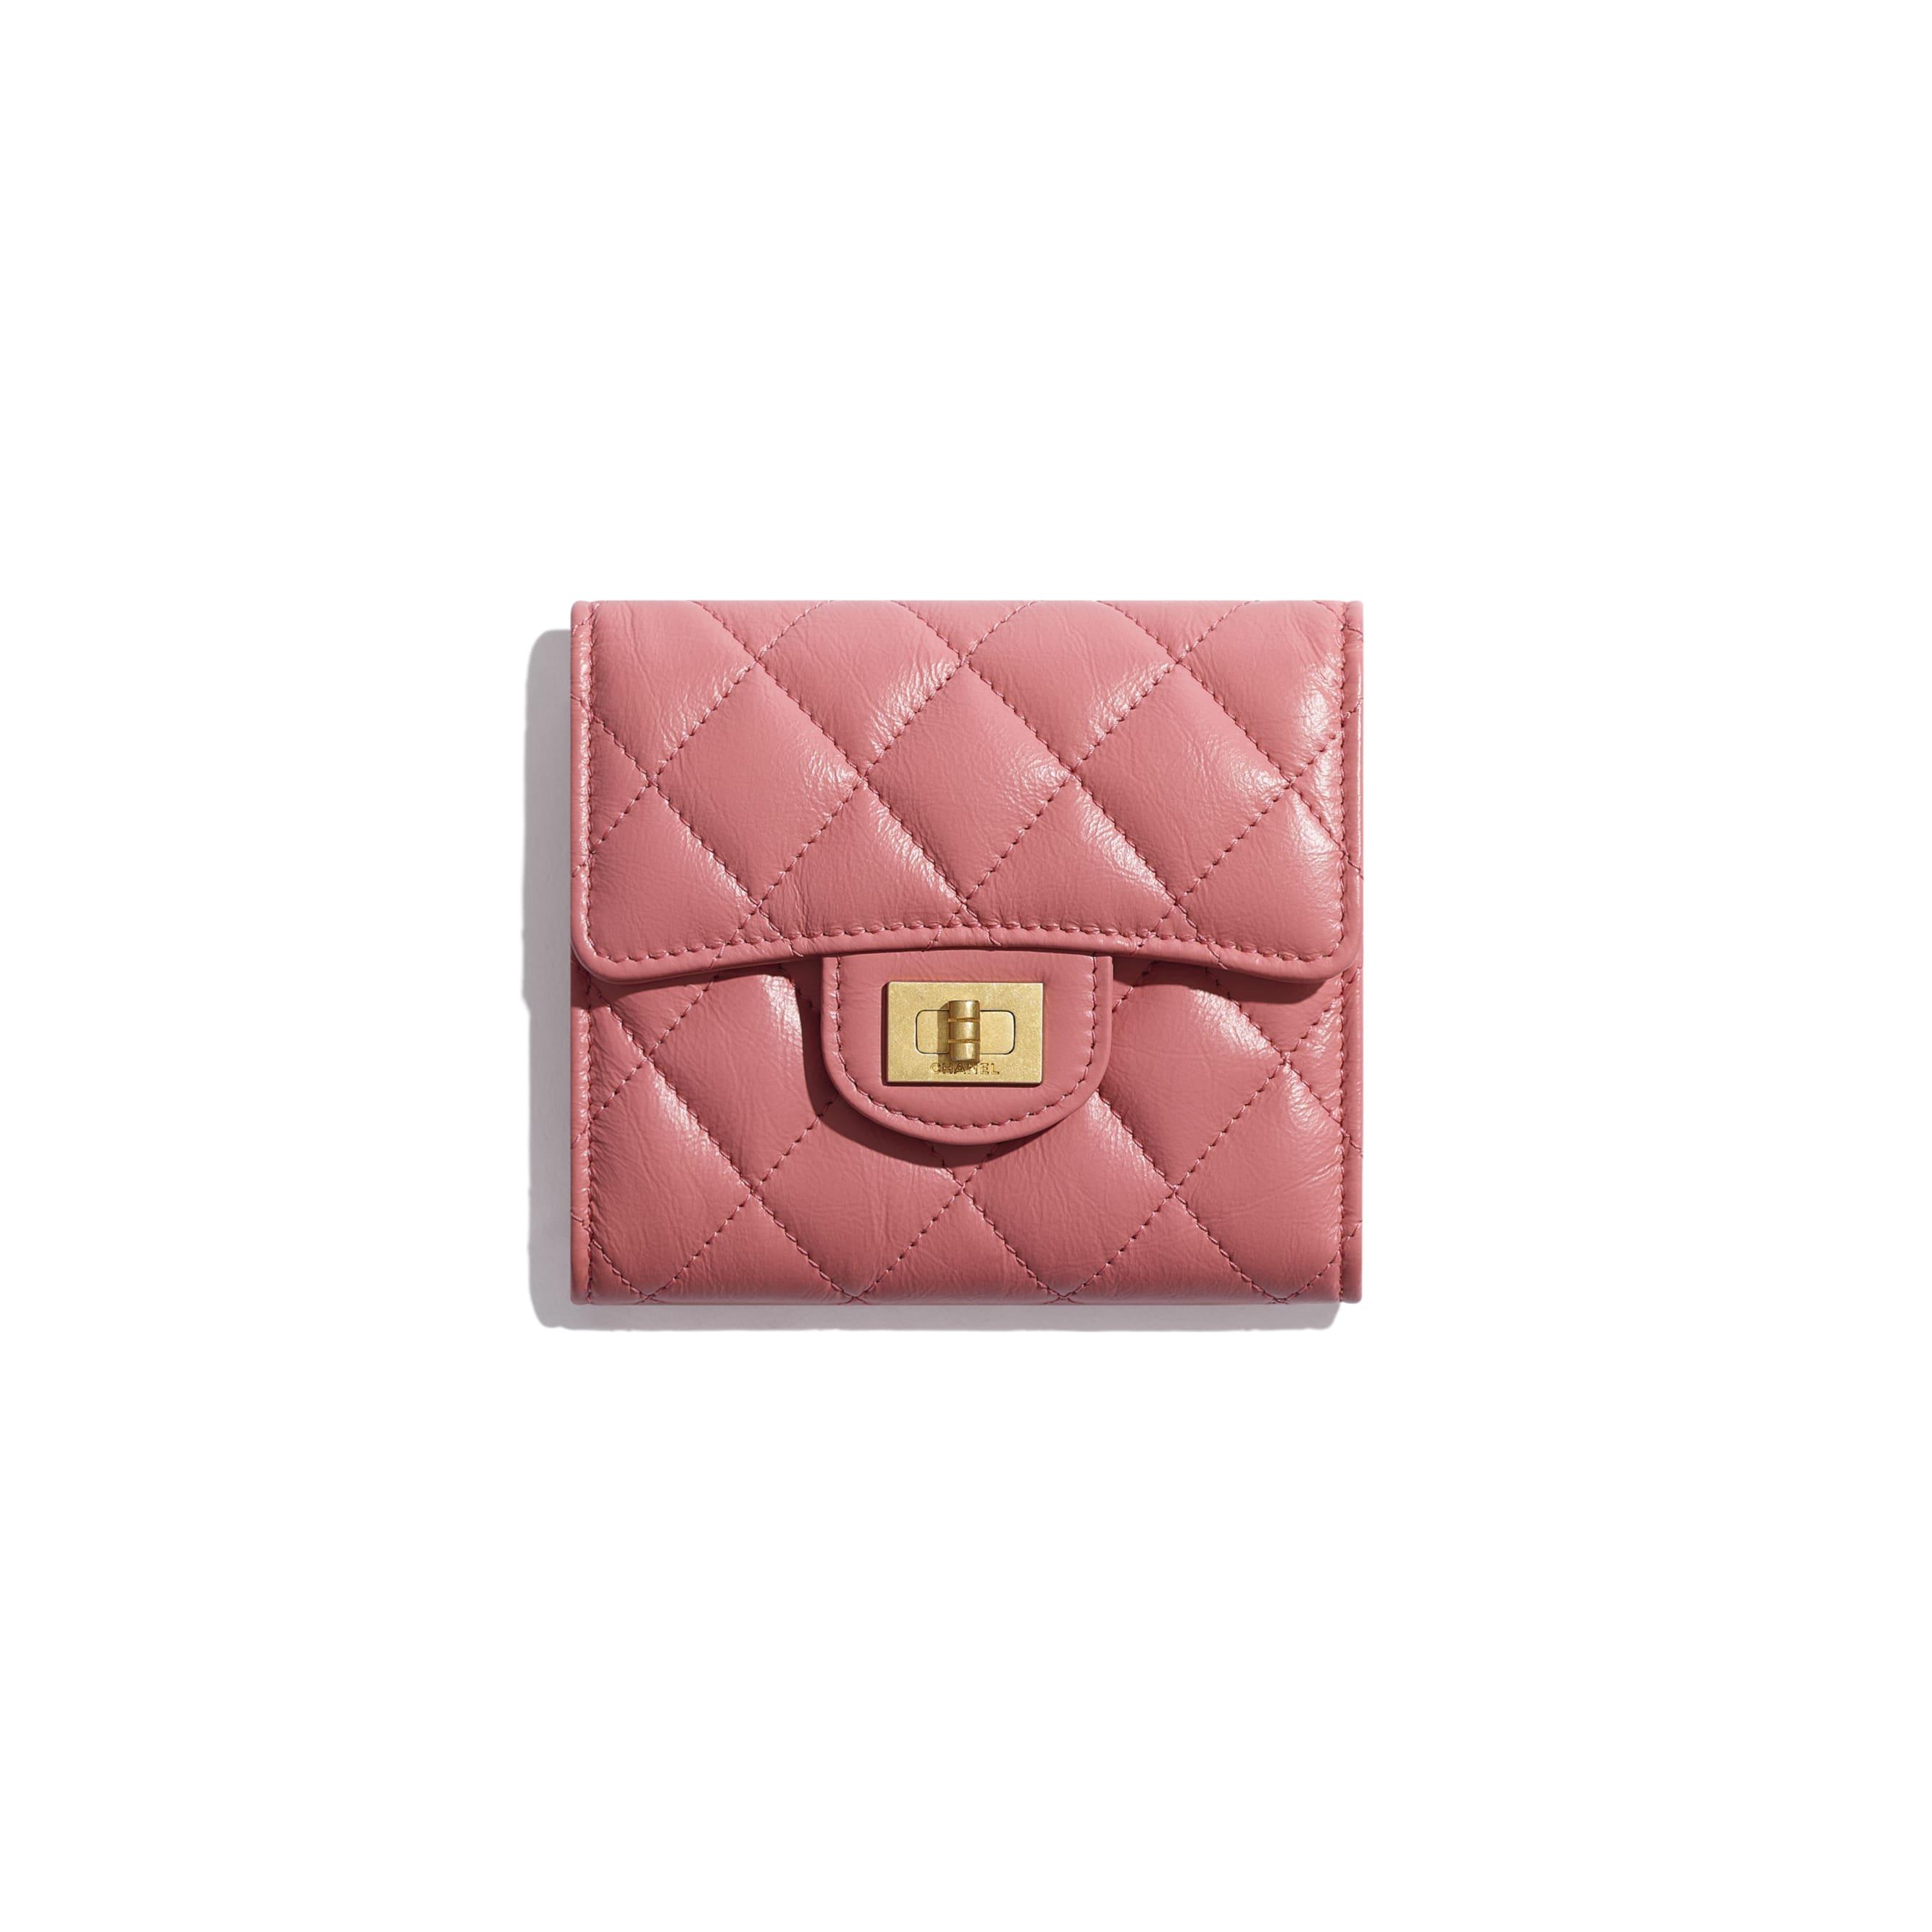 กระเป๋าสตางค์ 2.55 ใบเล็ก - สีชมพู - หนังลูกวัวย่น, โลหะสีทอง - มุมมองปัจจุบัน - ดูเวอร์ชันขนาดมาตรฐาน